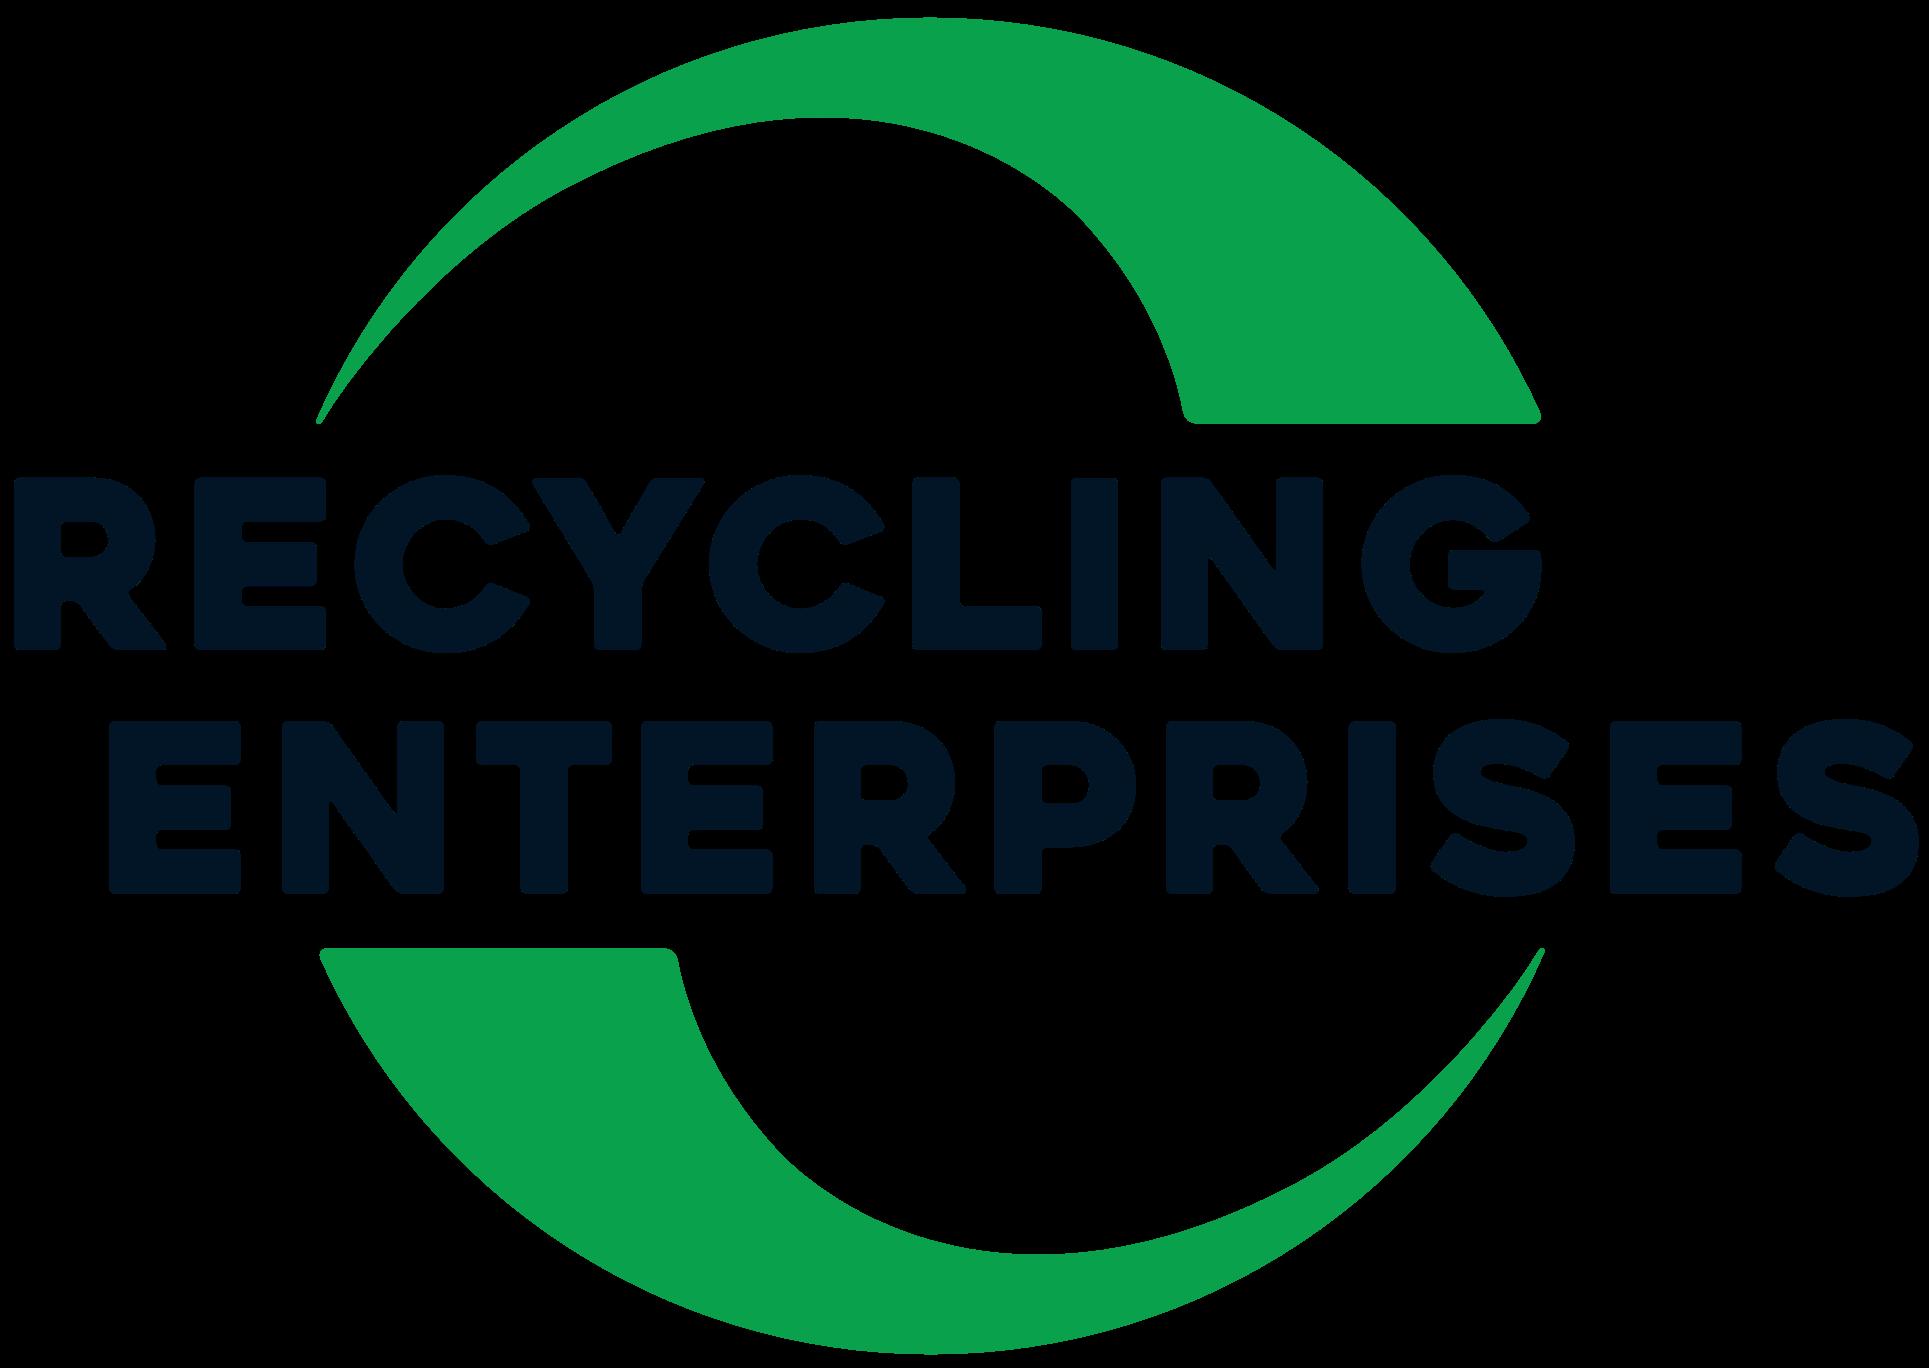 Recycling Enterprises Logo